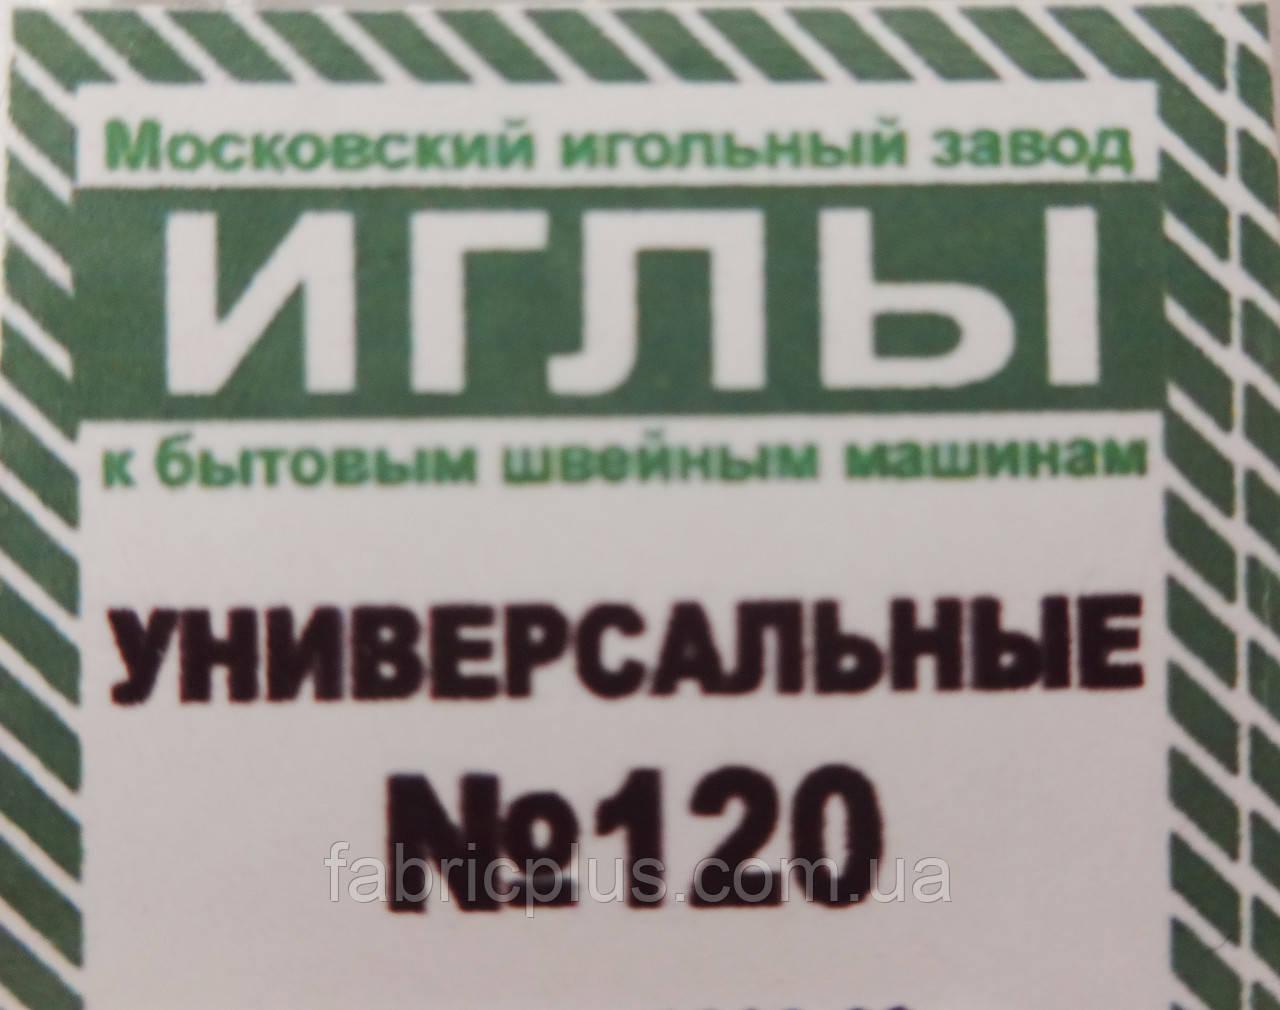 Иглы для бытовых машин № 120 универсальные